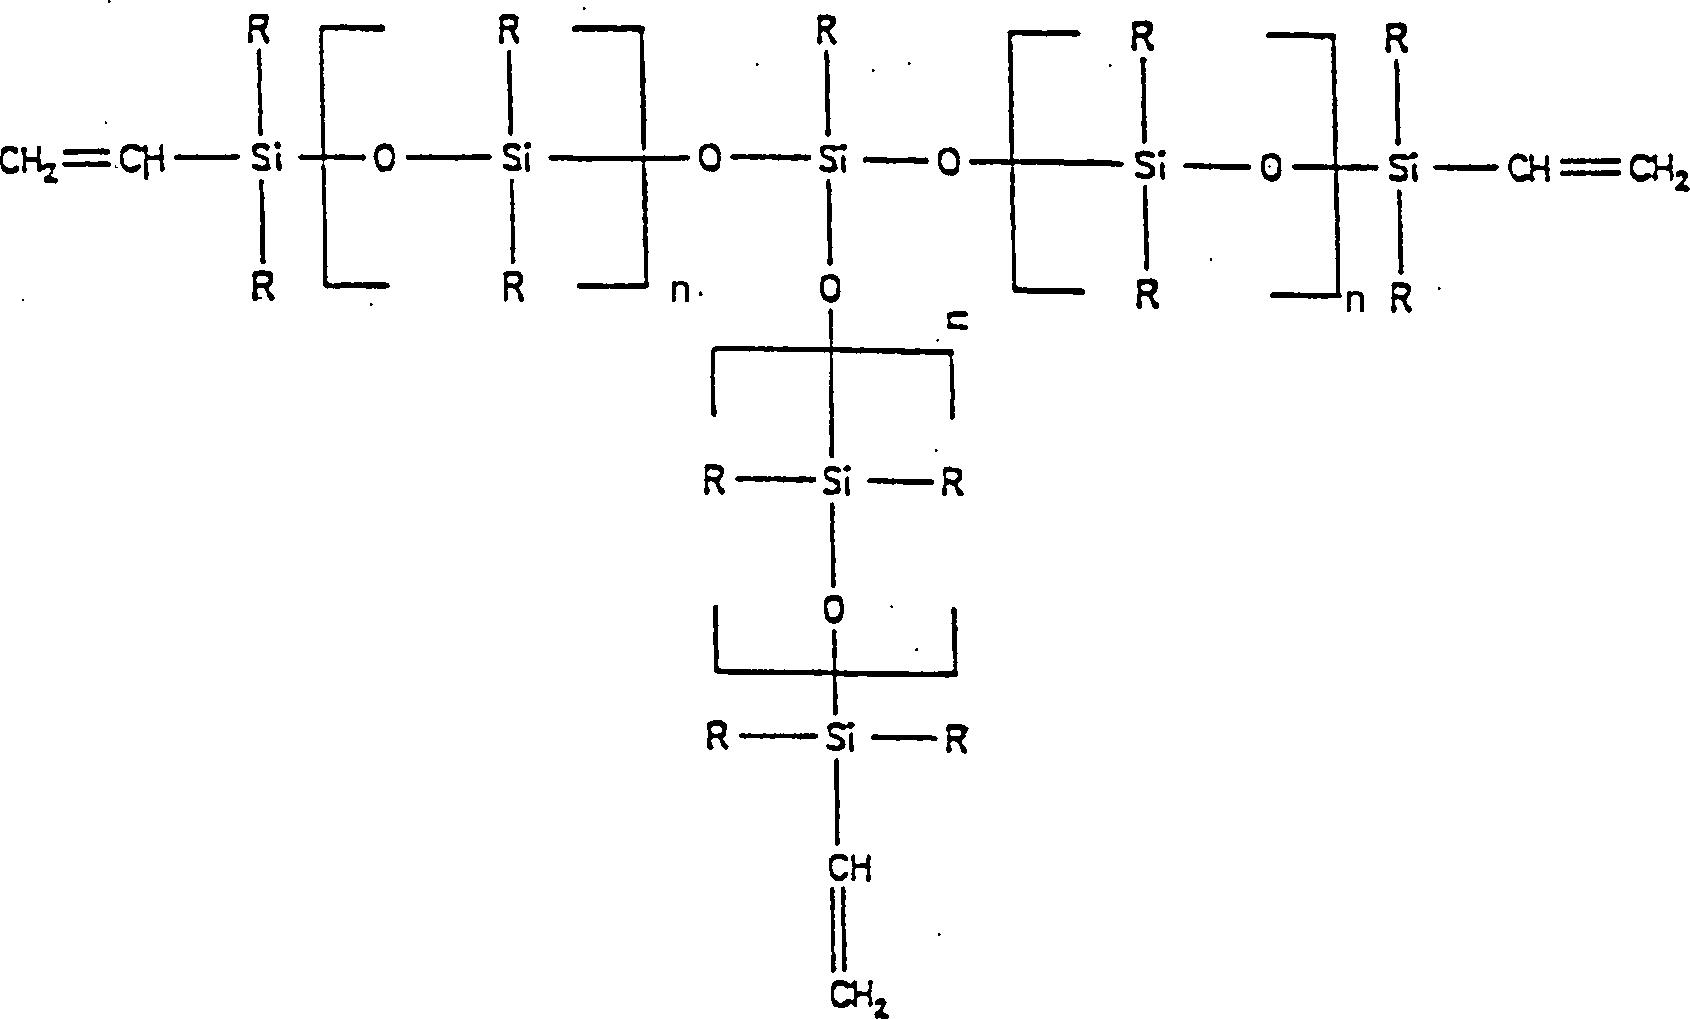 Figure DE000019719438C5_0024